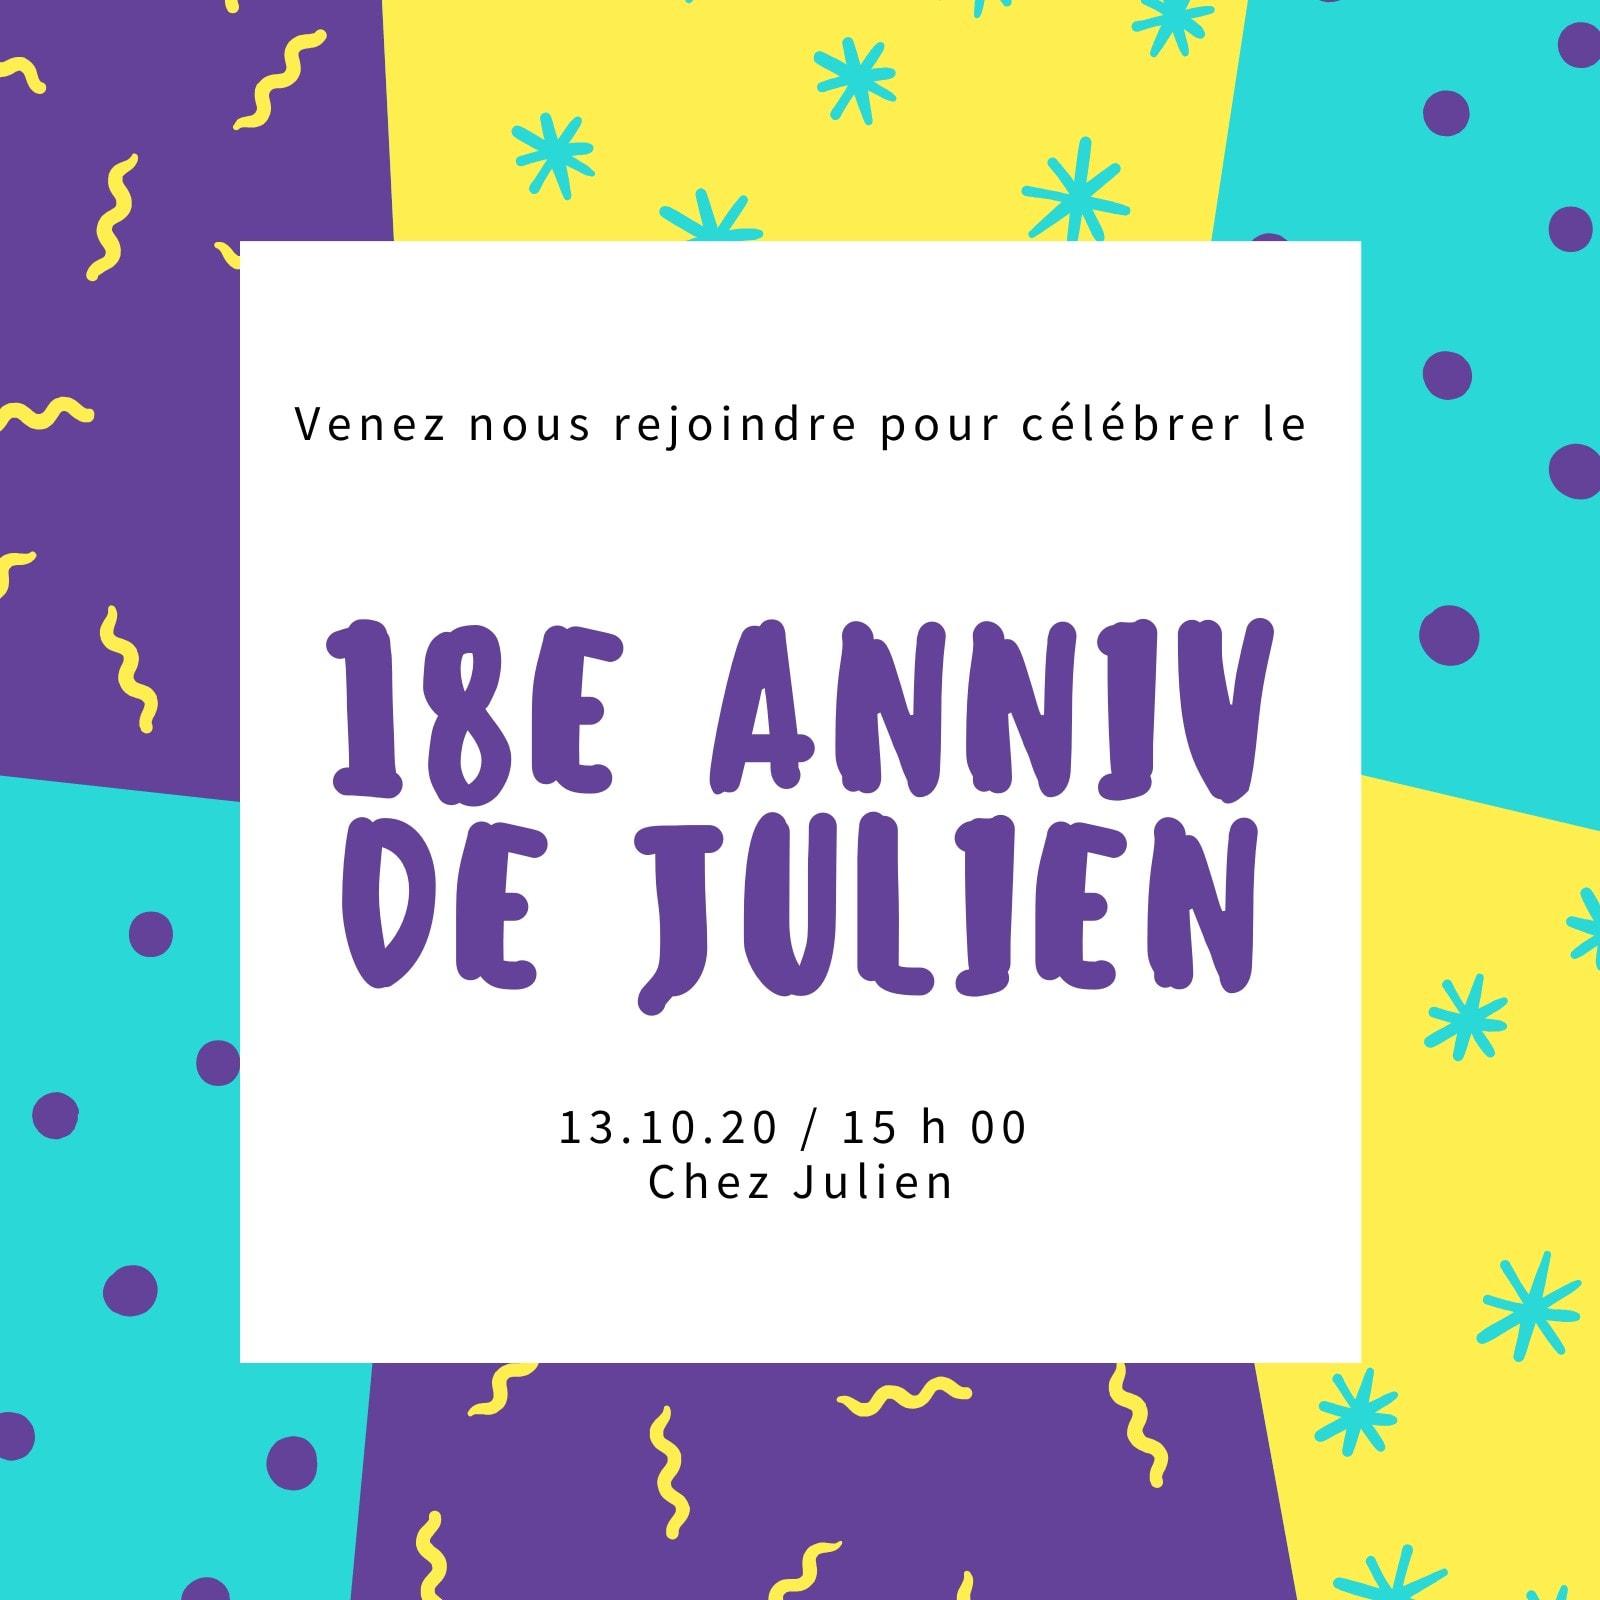 Bleu, Jaune et Violet Motif Arrière-plan 18e Anniversaire Invitation